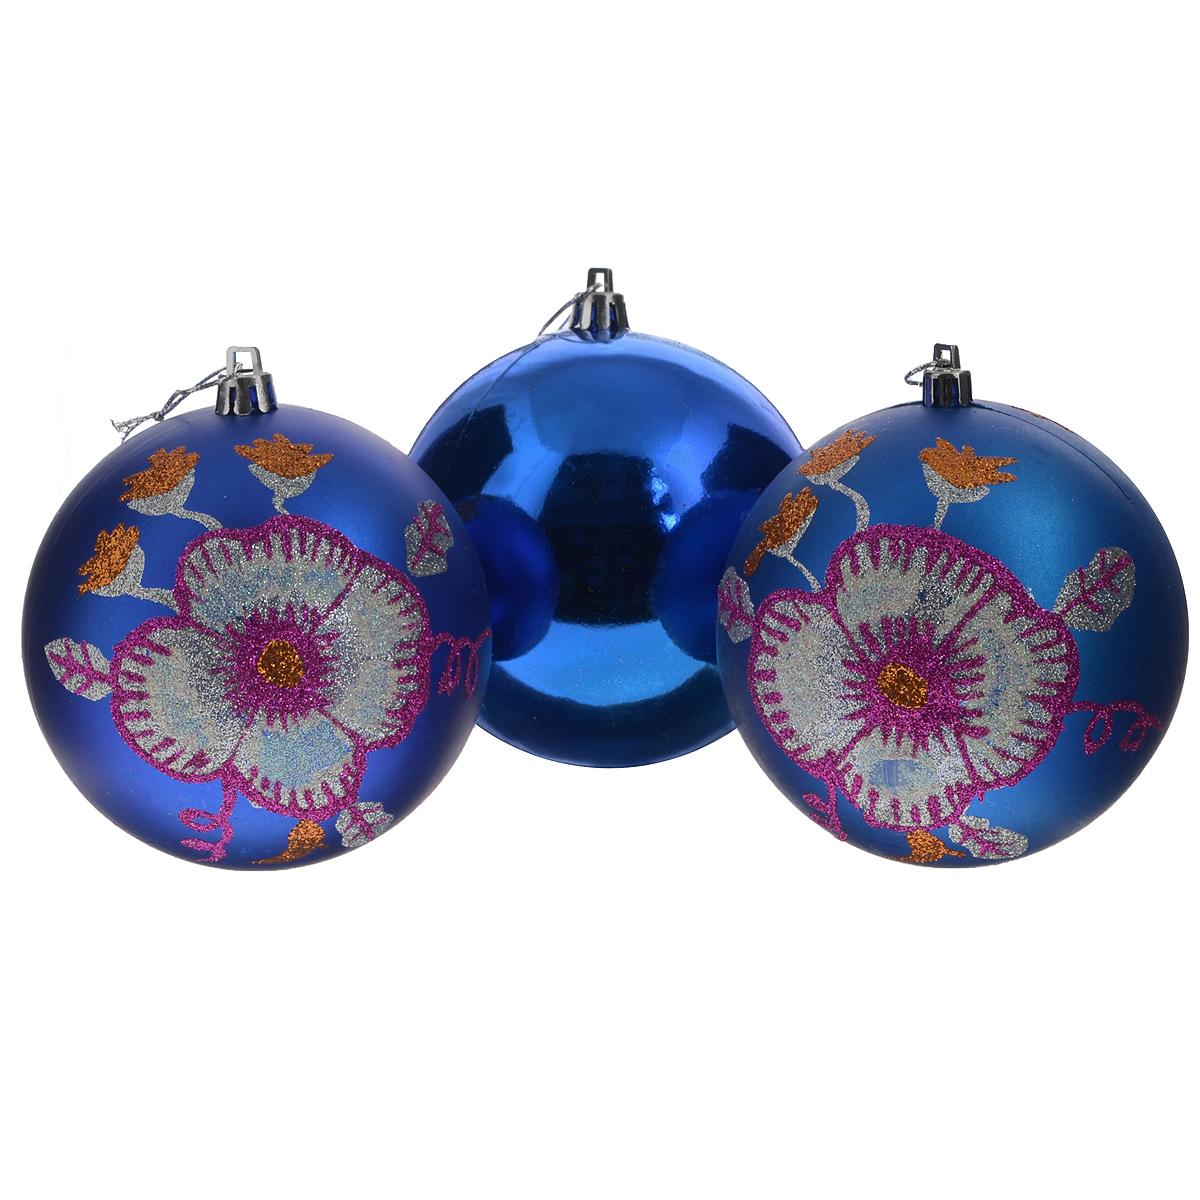 Набор новогодних подвесных украшений Sima-land Шар, цвет: синий, диаметр 10 см, 3 шт. 733908733908